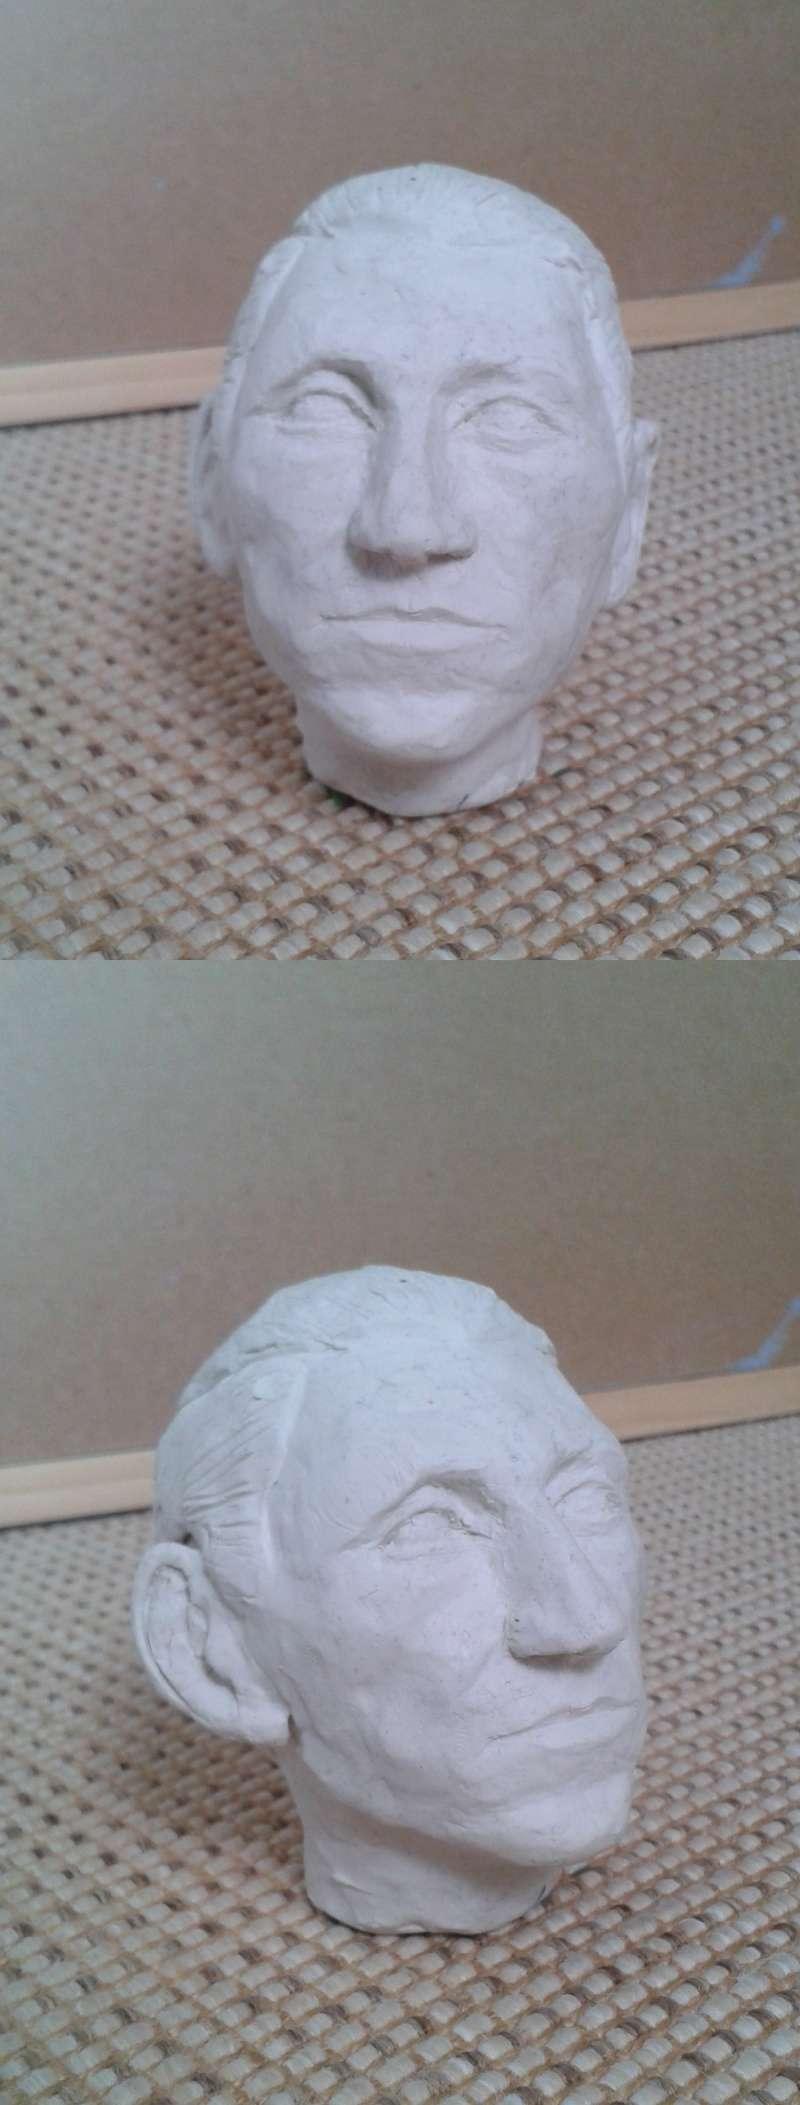 Retrouvailles - sculpture Pozzet14